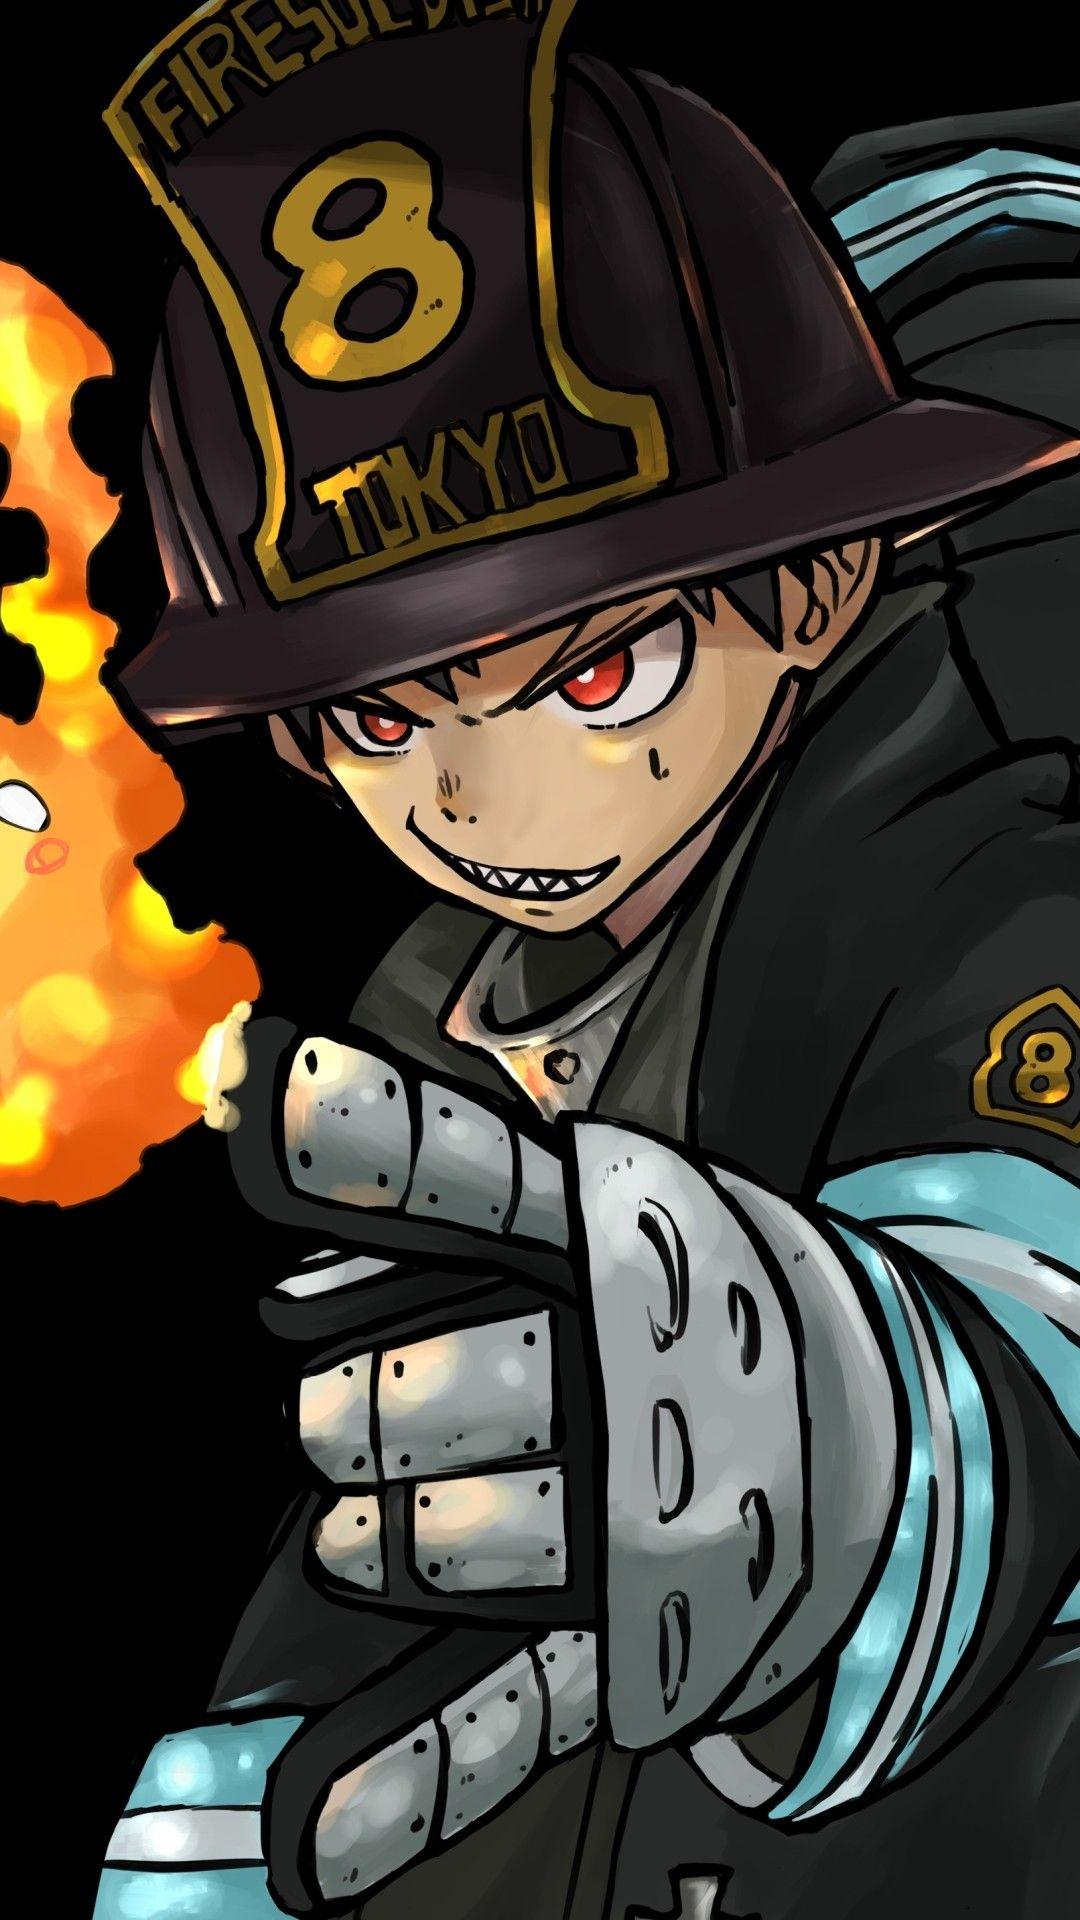 Pin by SubZero on Anime Anime, Anime wallpaper iphone